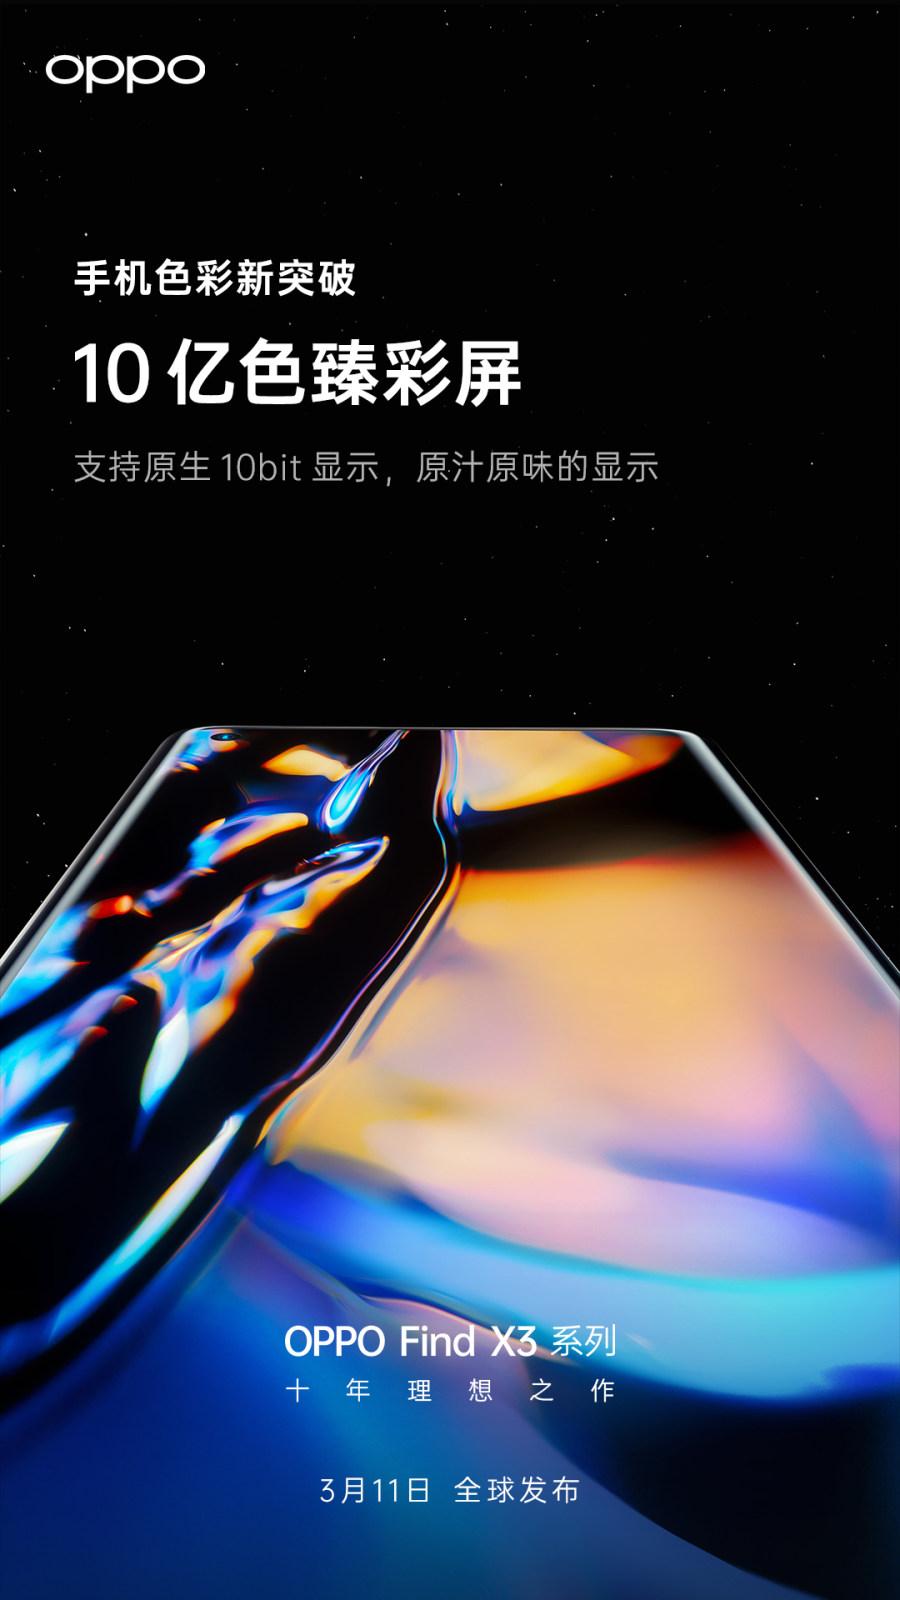 杏耀线路测试原生支持10bit显示 OPPO Find X3系列搭载10亿色臻彩屏